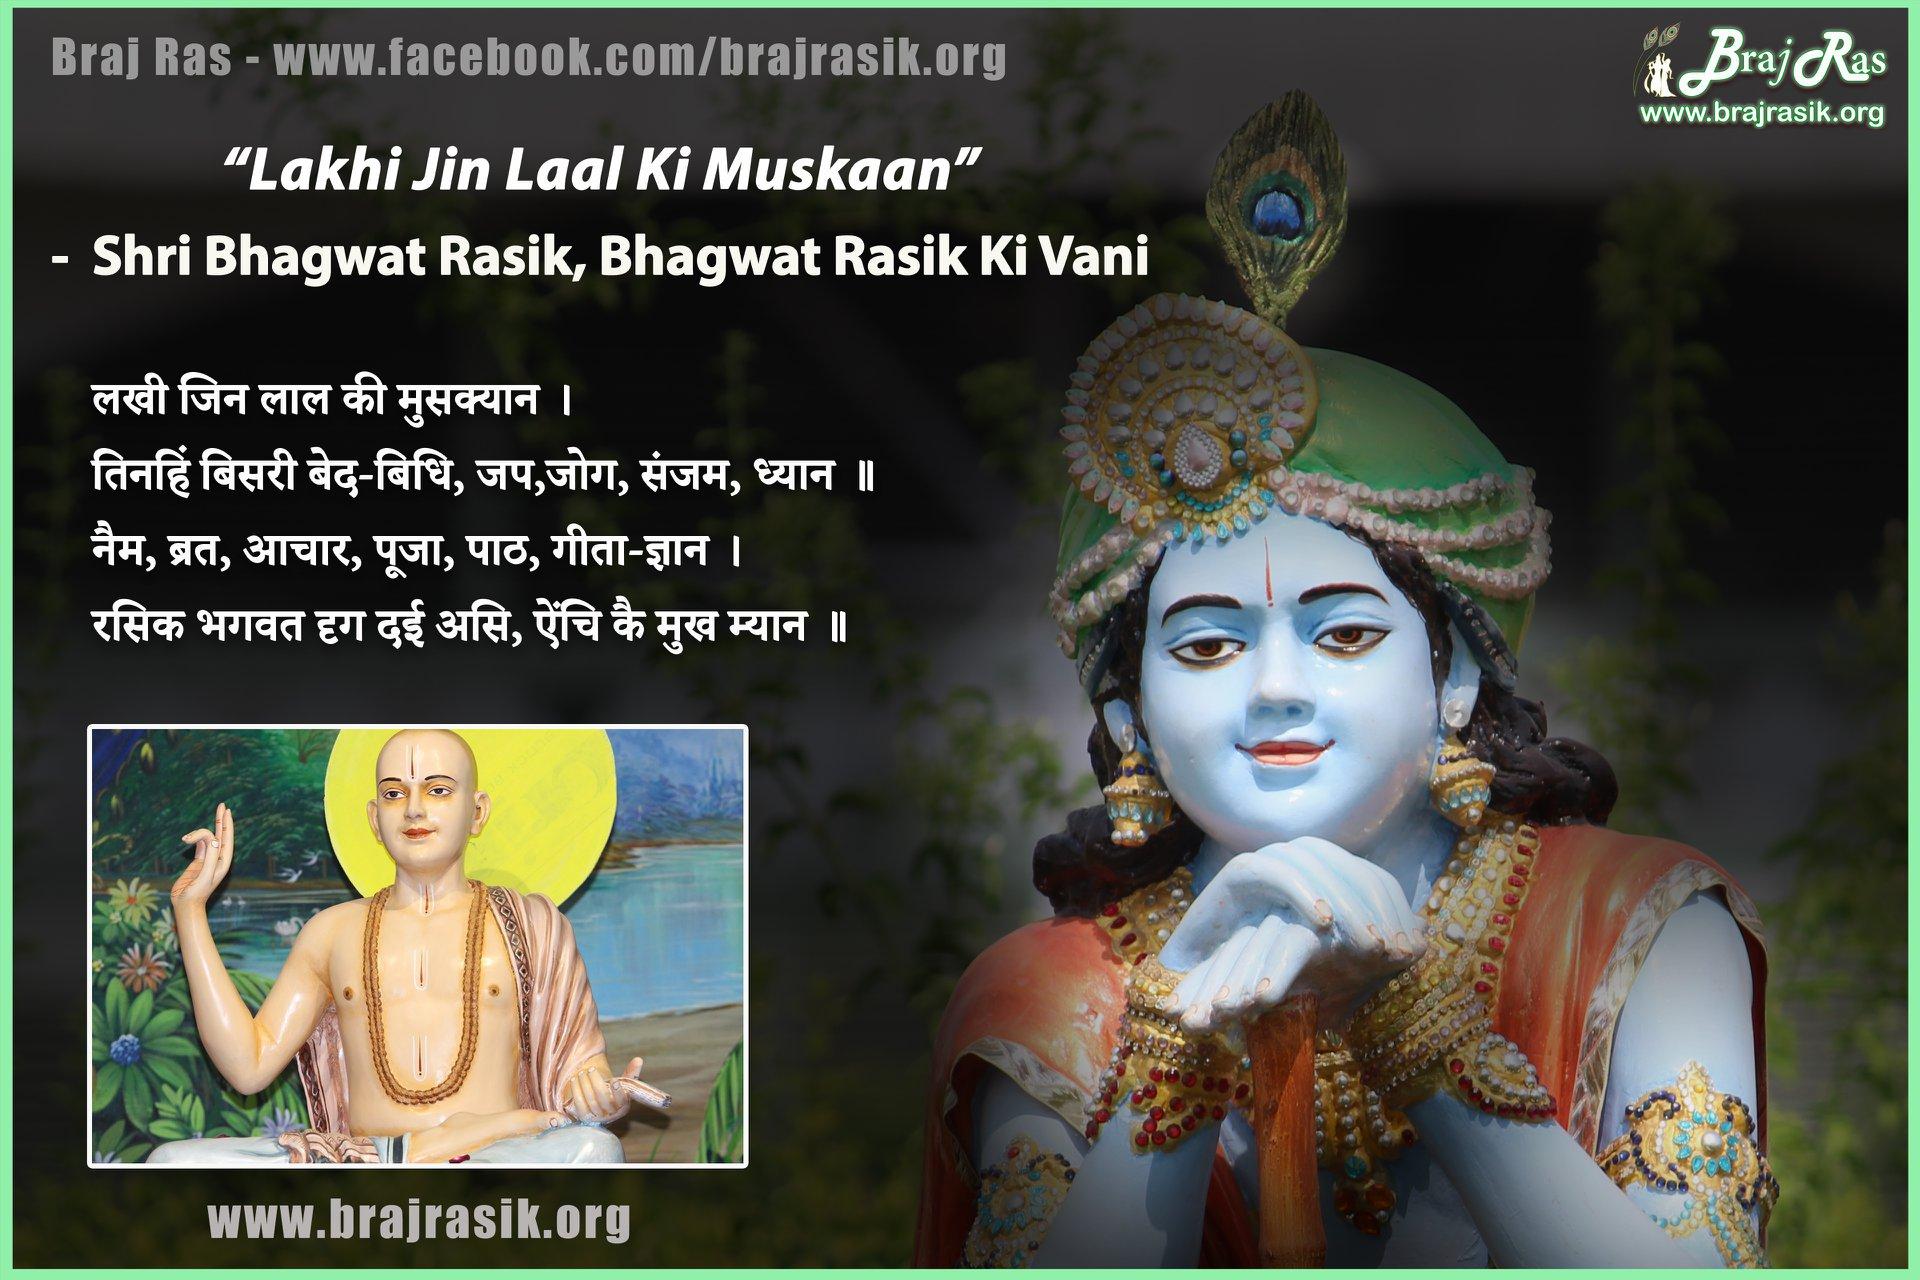 Lakhi Jin Laal Ki Muskaan, Tinhi Bisari Ved Vidhi - Shri Bhagwat Rasik, Bhagwat Rasik Ki Vani